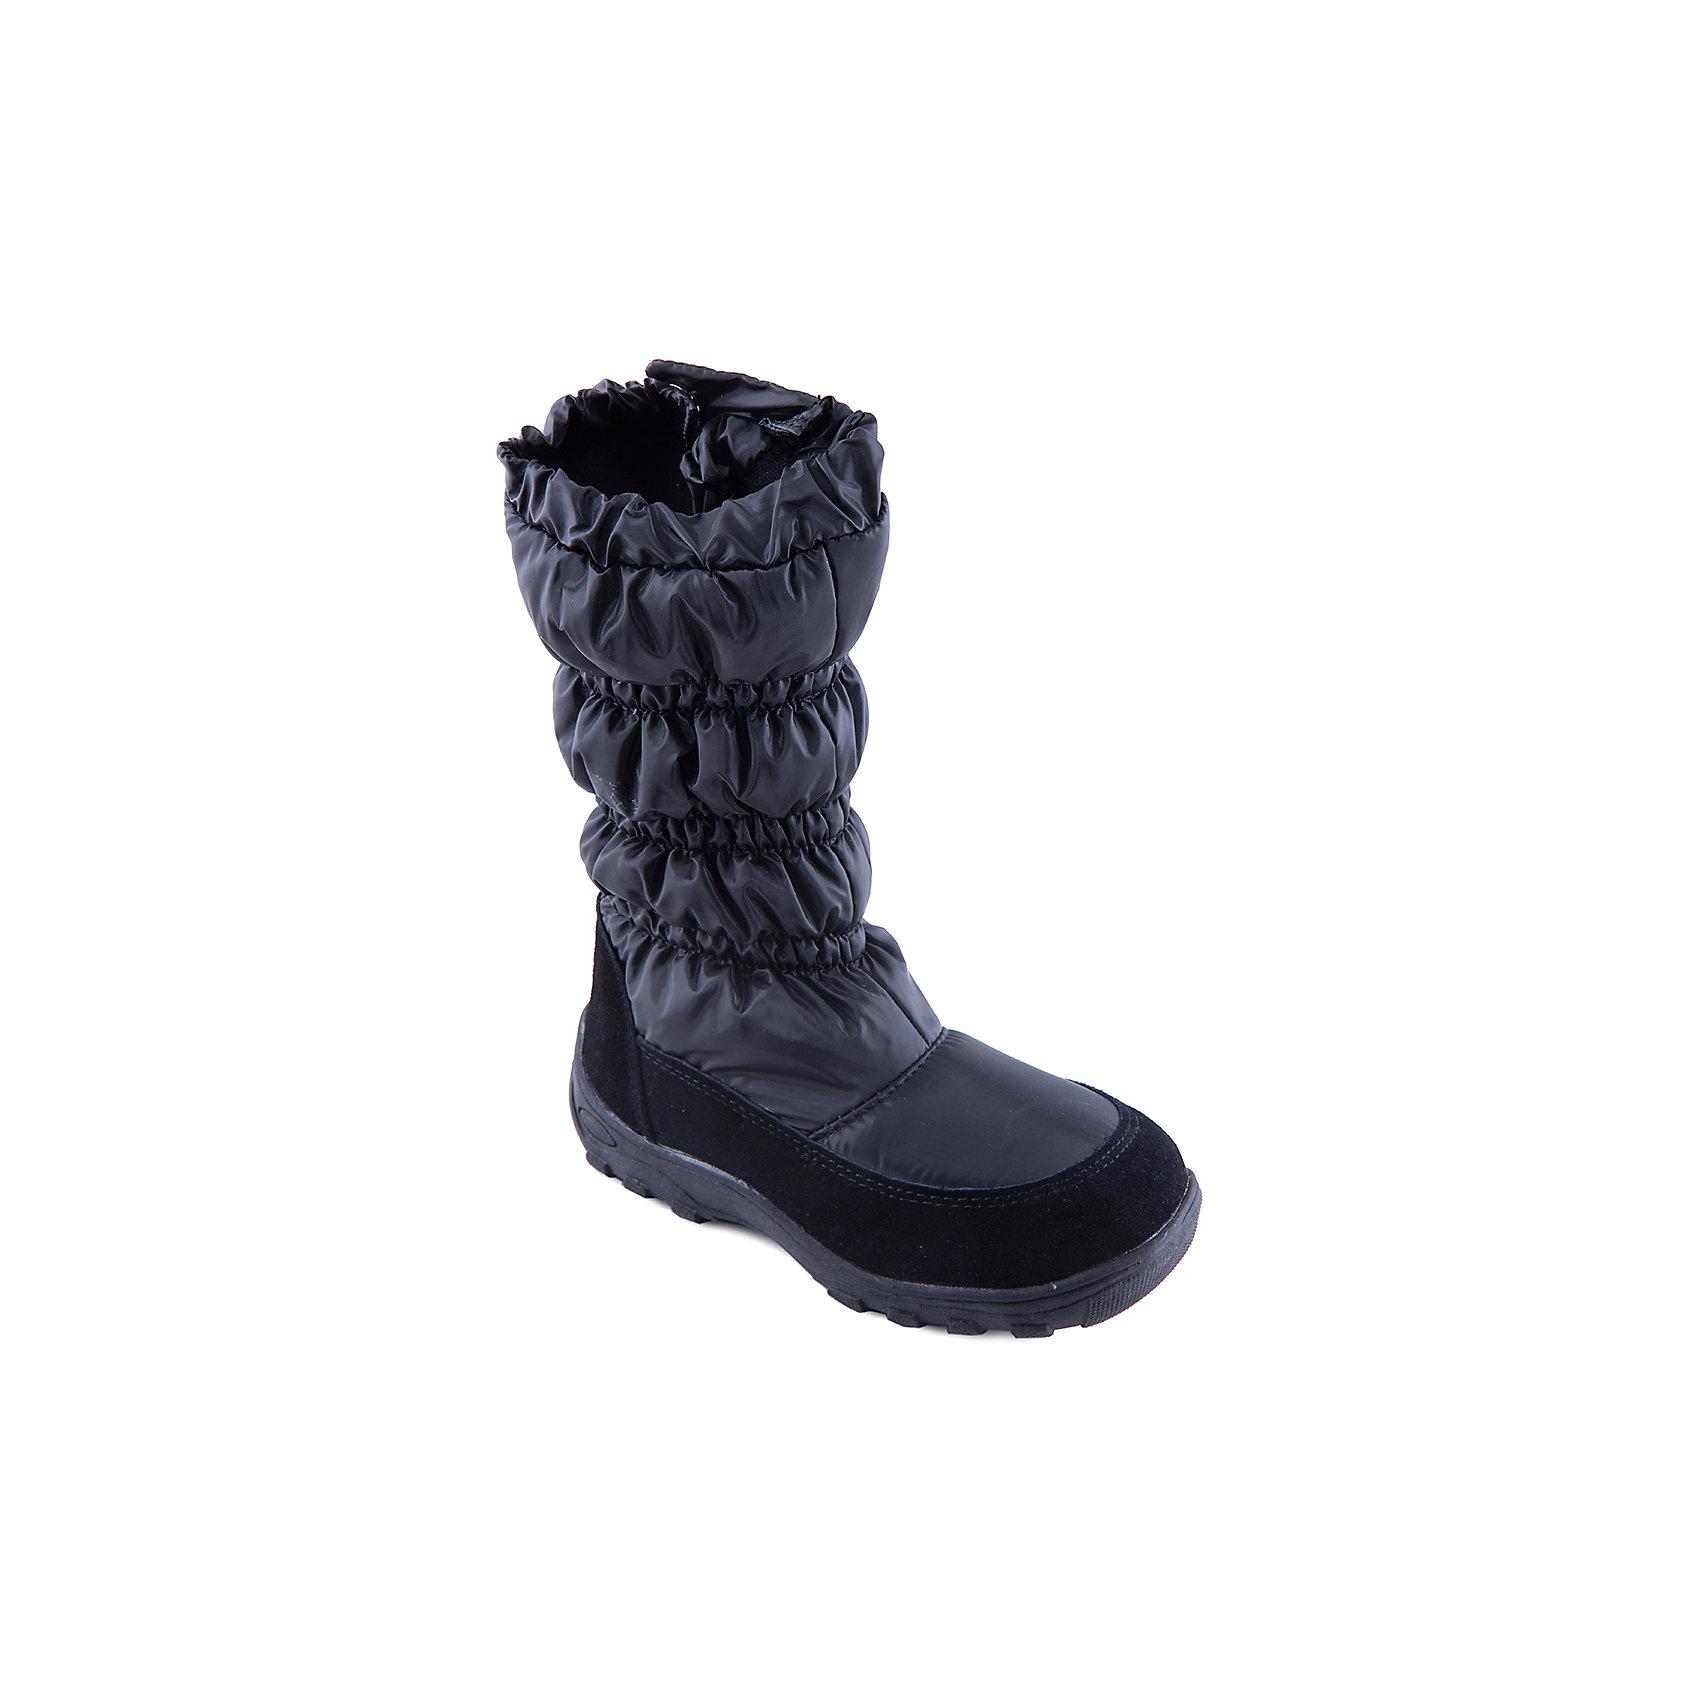 Дутики для девочки MursuОбувь<br>Стильные сапоги от известного бренда MURSU порадуют всех юных модниц. Модель имеет антискользящую подошву, выполнена из высококачественных материалов, очень хорошо смотрится на ноге. Сапоги застегиваются на молнию и кнопку.  Прекрасный вариант на холодную погоду. <br><br>Дополнительная информация:<br><br>- Сезон: зима/осень.<br>- Тепловой режим: от -5? до -20? <br>- Цвет: черный.<br>- Рифленая подошва.<br>- Тип застежки: молния, кнопка. <br><br>Состав:<br>- Материал верха: текстиль/ искусственная замша.<br>- Материал подкладки: искусственная шерсть.<br>- Материал подошвы: TEP.<br>- Материал стельки: искусственная шерсть.<br><br>Сапоги для девочки MURSU (Мурсу) можно купить в нашем магазине.<br><br>Ширина мм: 257<br>Глубина мм: 180<br>Высота мм: 130<br>Вес г: 420<br>Цвет: черный<br>Возраст от месяцев: 120<br>Возраст до месяцев: 132<br>Пол: Женский<br>Возраст: Детский<br>Размер: 34,37,36,35,33,32<br>SKU: 4202429